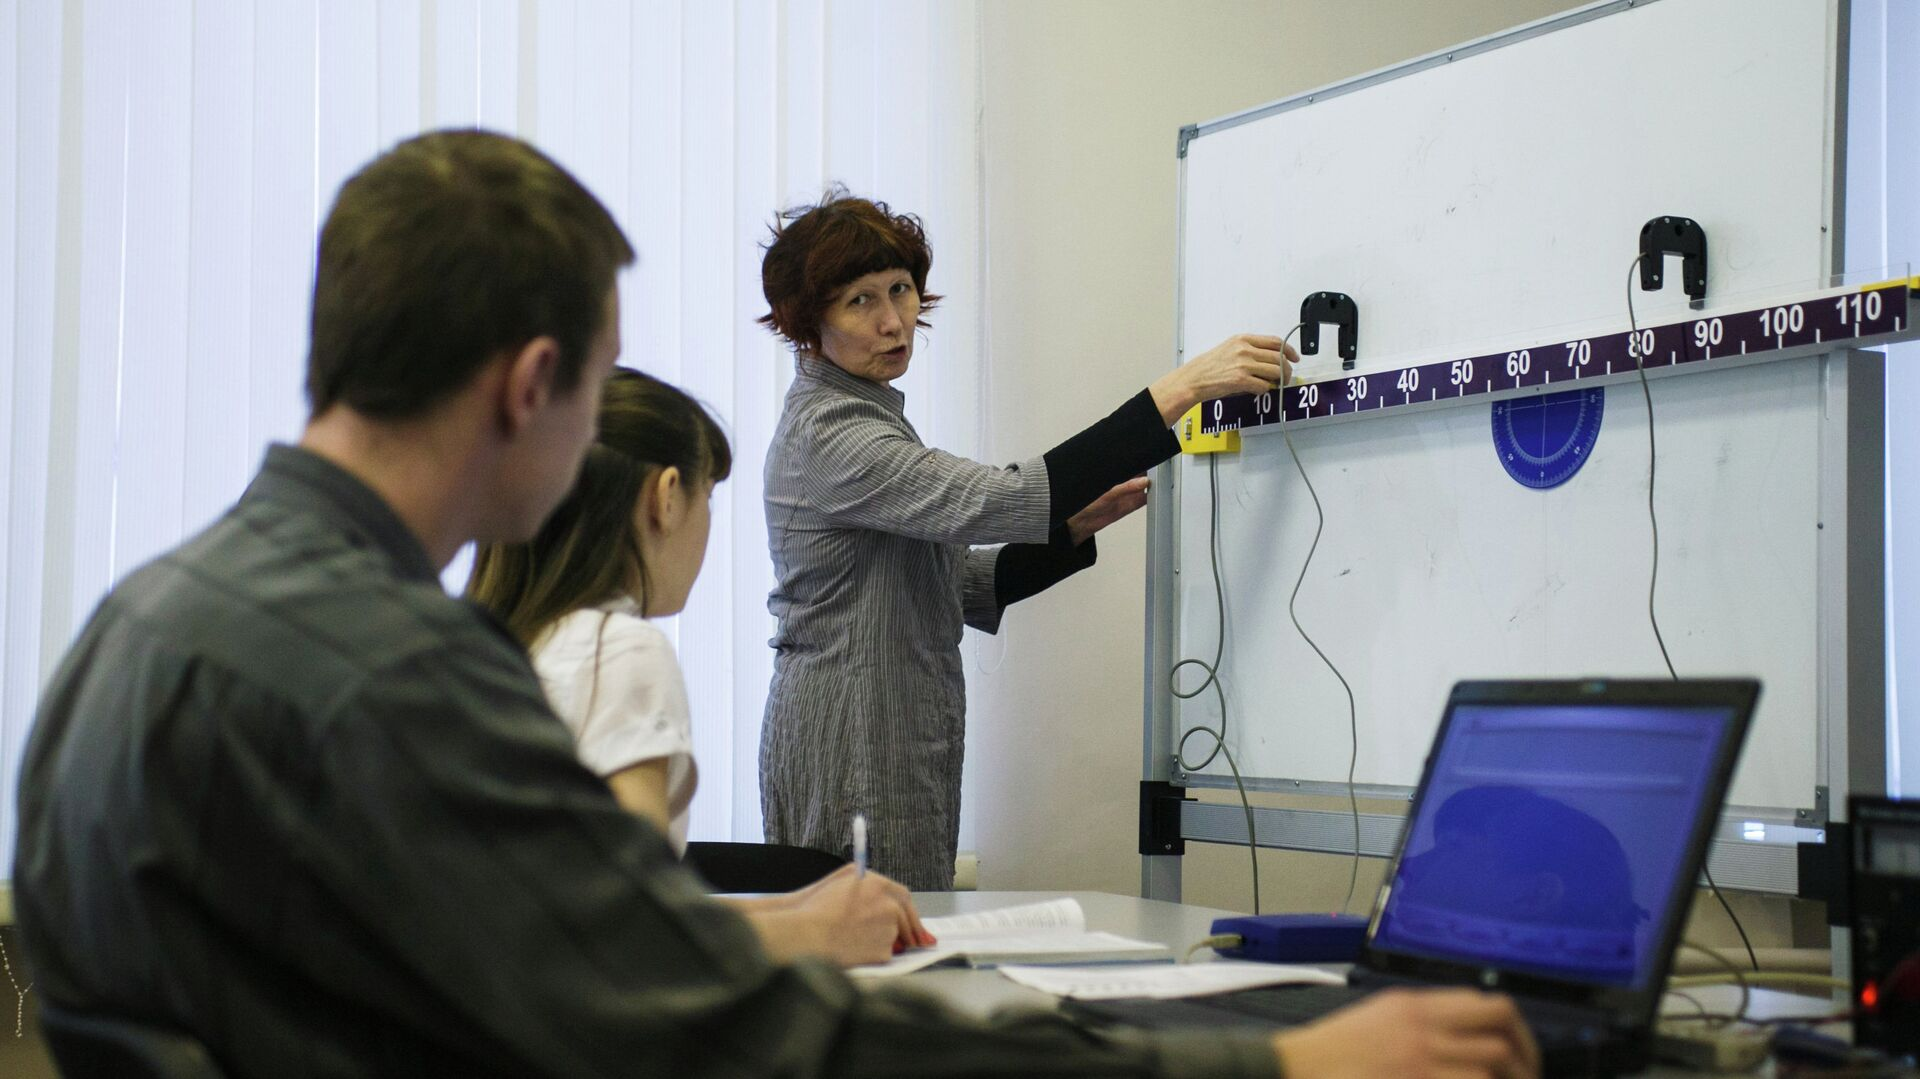 Урок физики в средней школе - РИА Новости, 1920, 22.09.2020